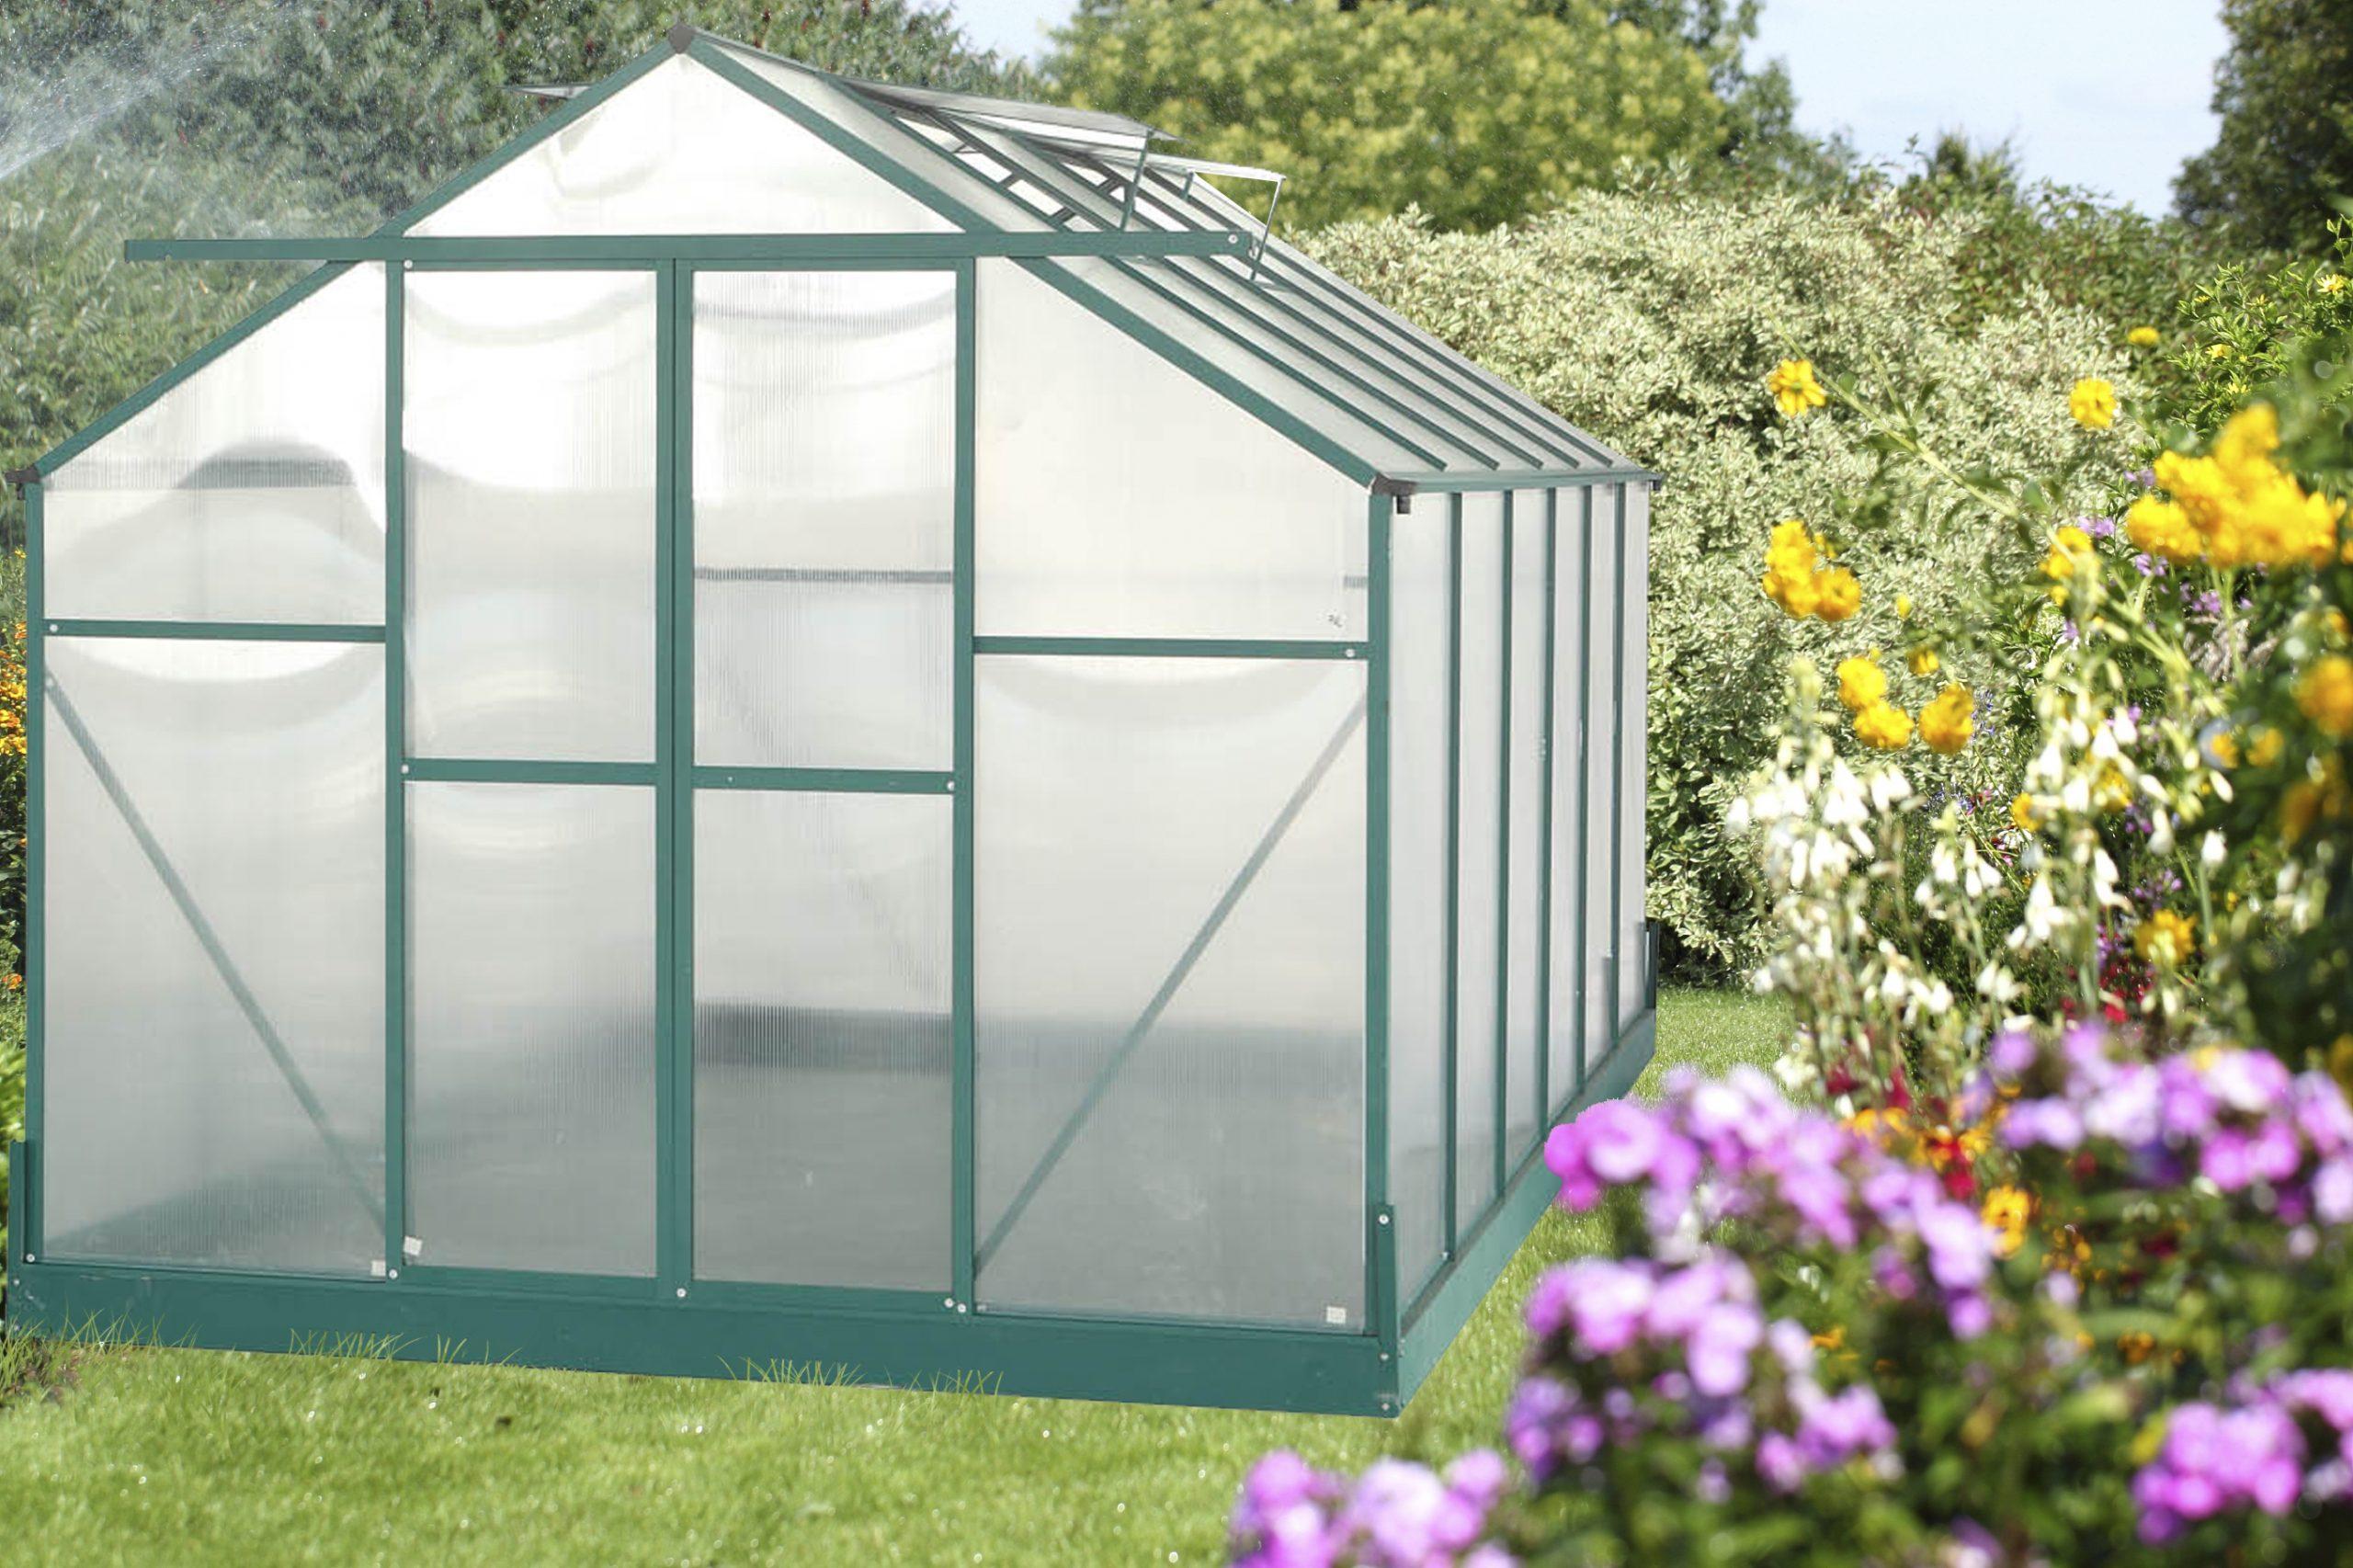 La Maison Du Jardin : Serre Polycarbonate 10.33M² Aluminium ... tout Fabricant Serre Polycarbonate